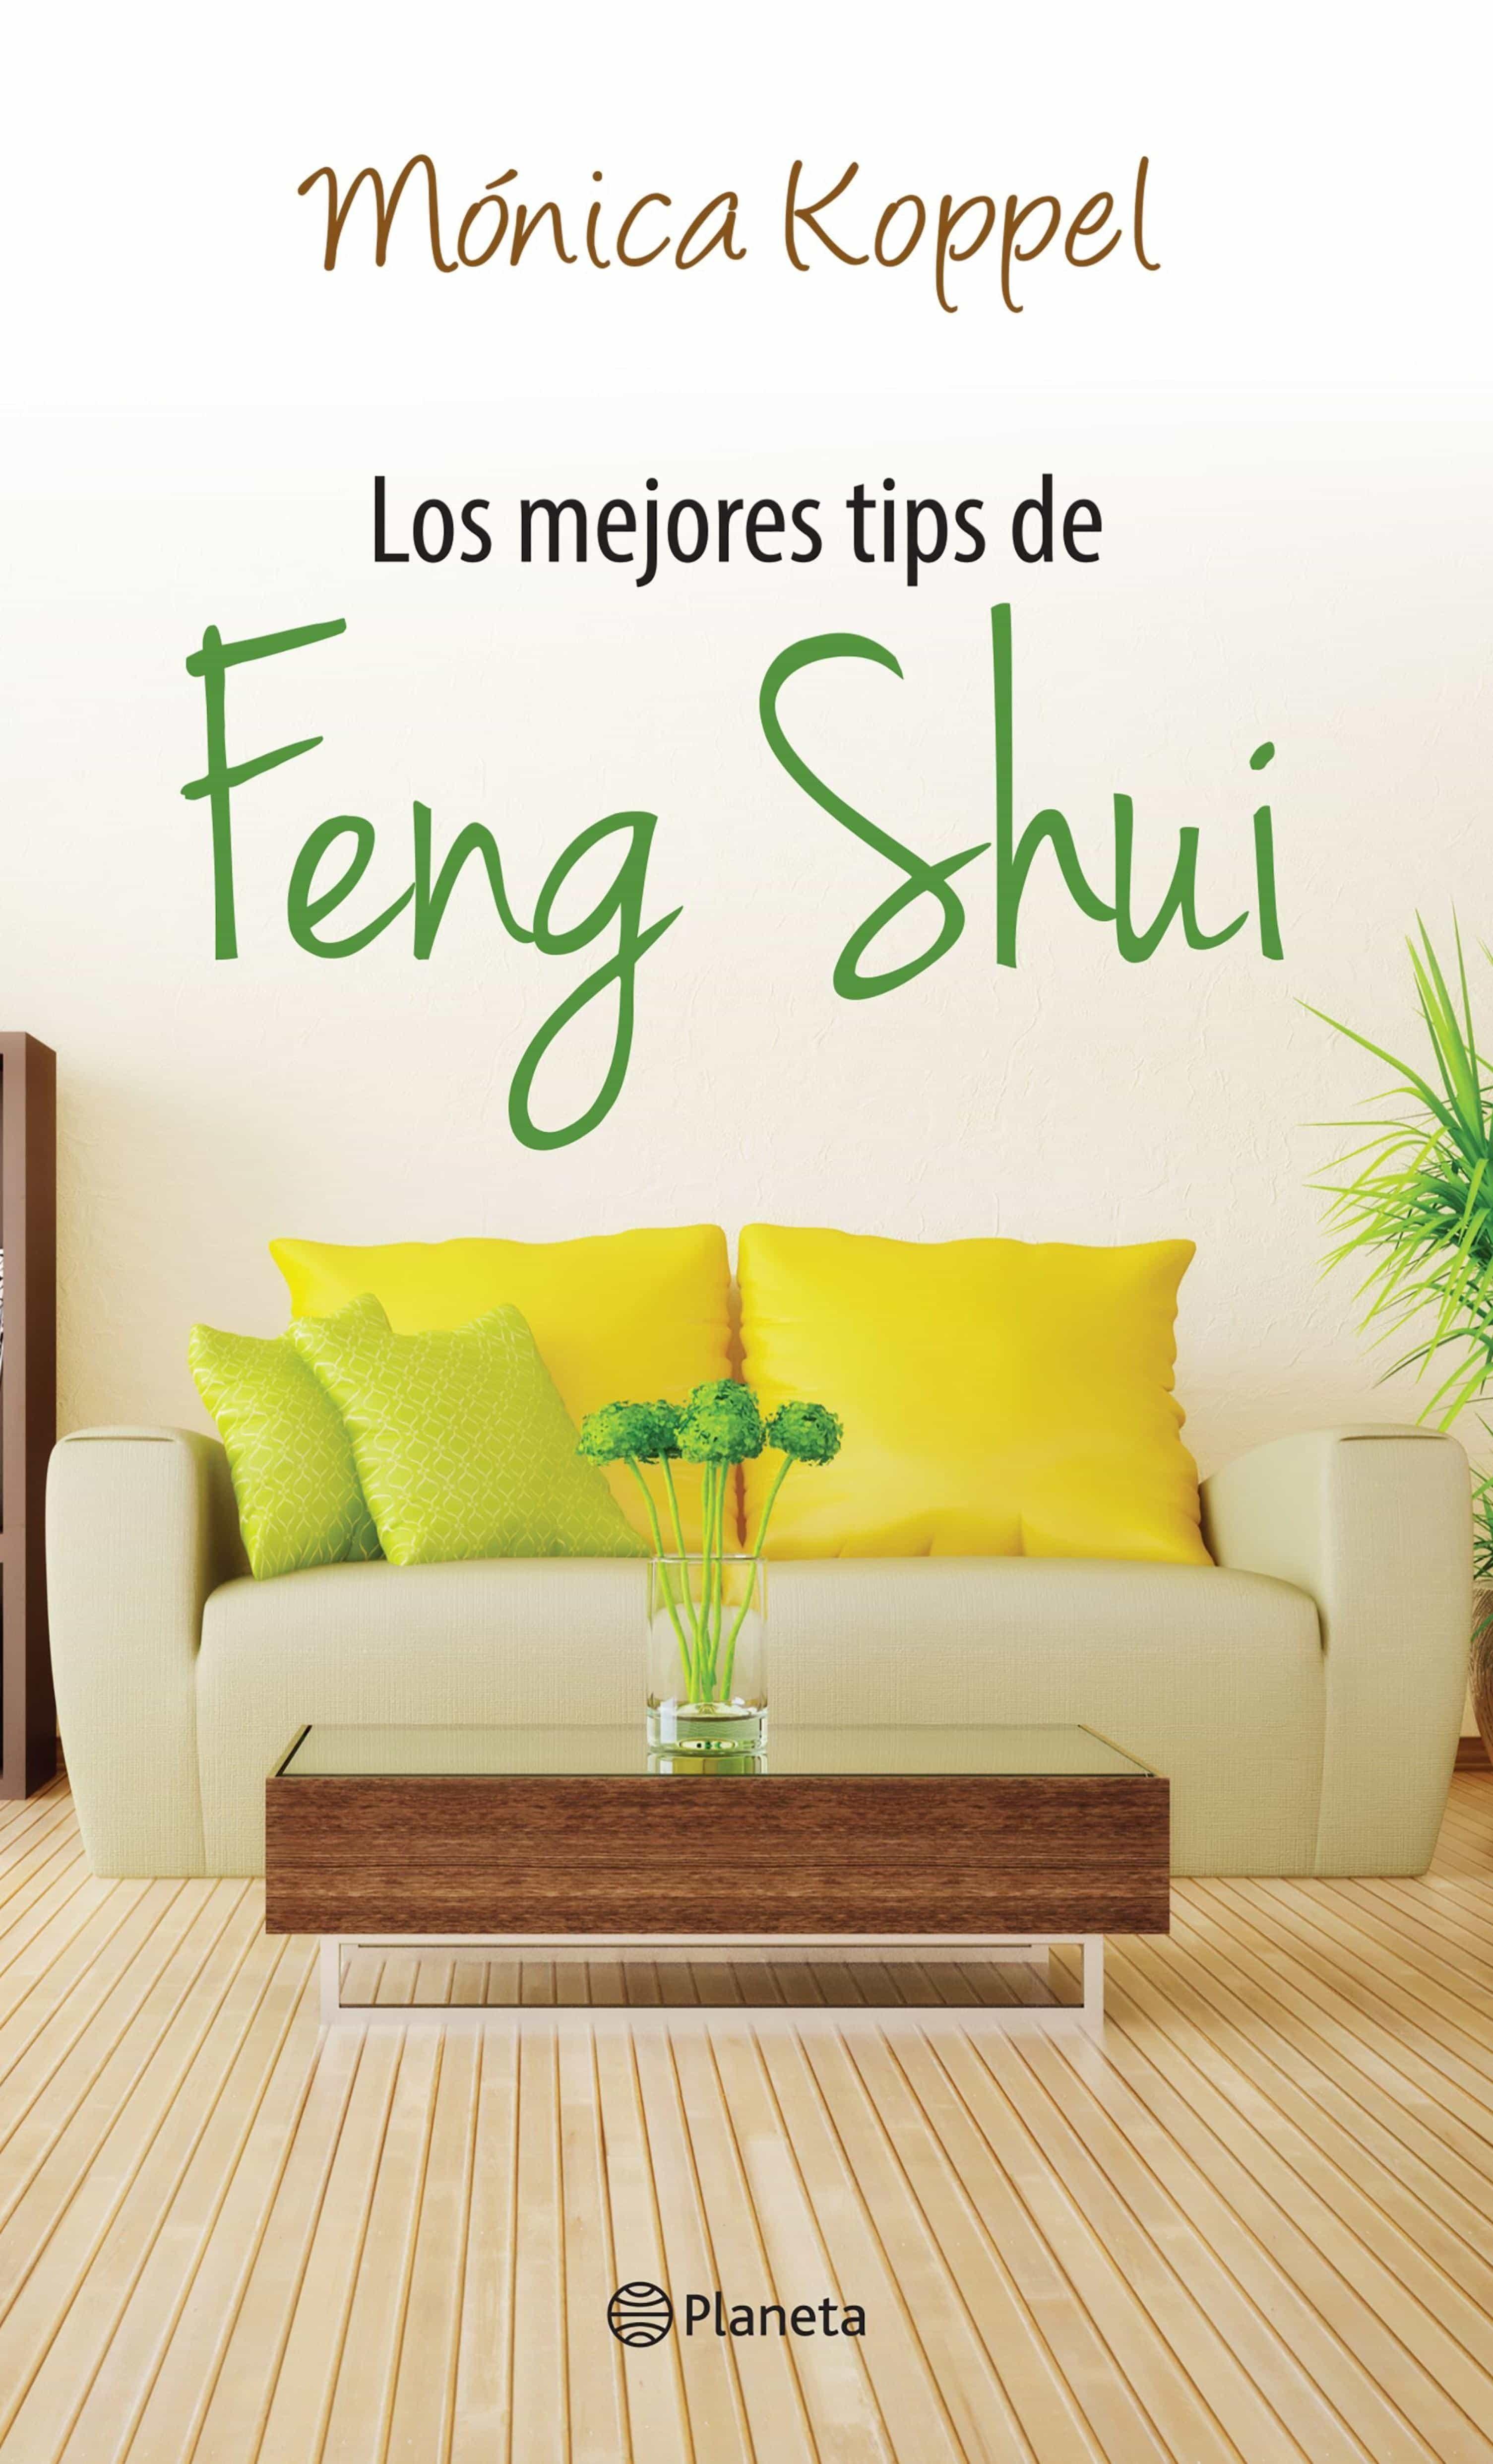 Los mejores tips de feng shui ebook ebooks el corte for Tips de feng shui para el hogar